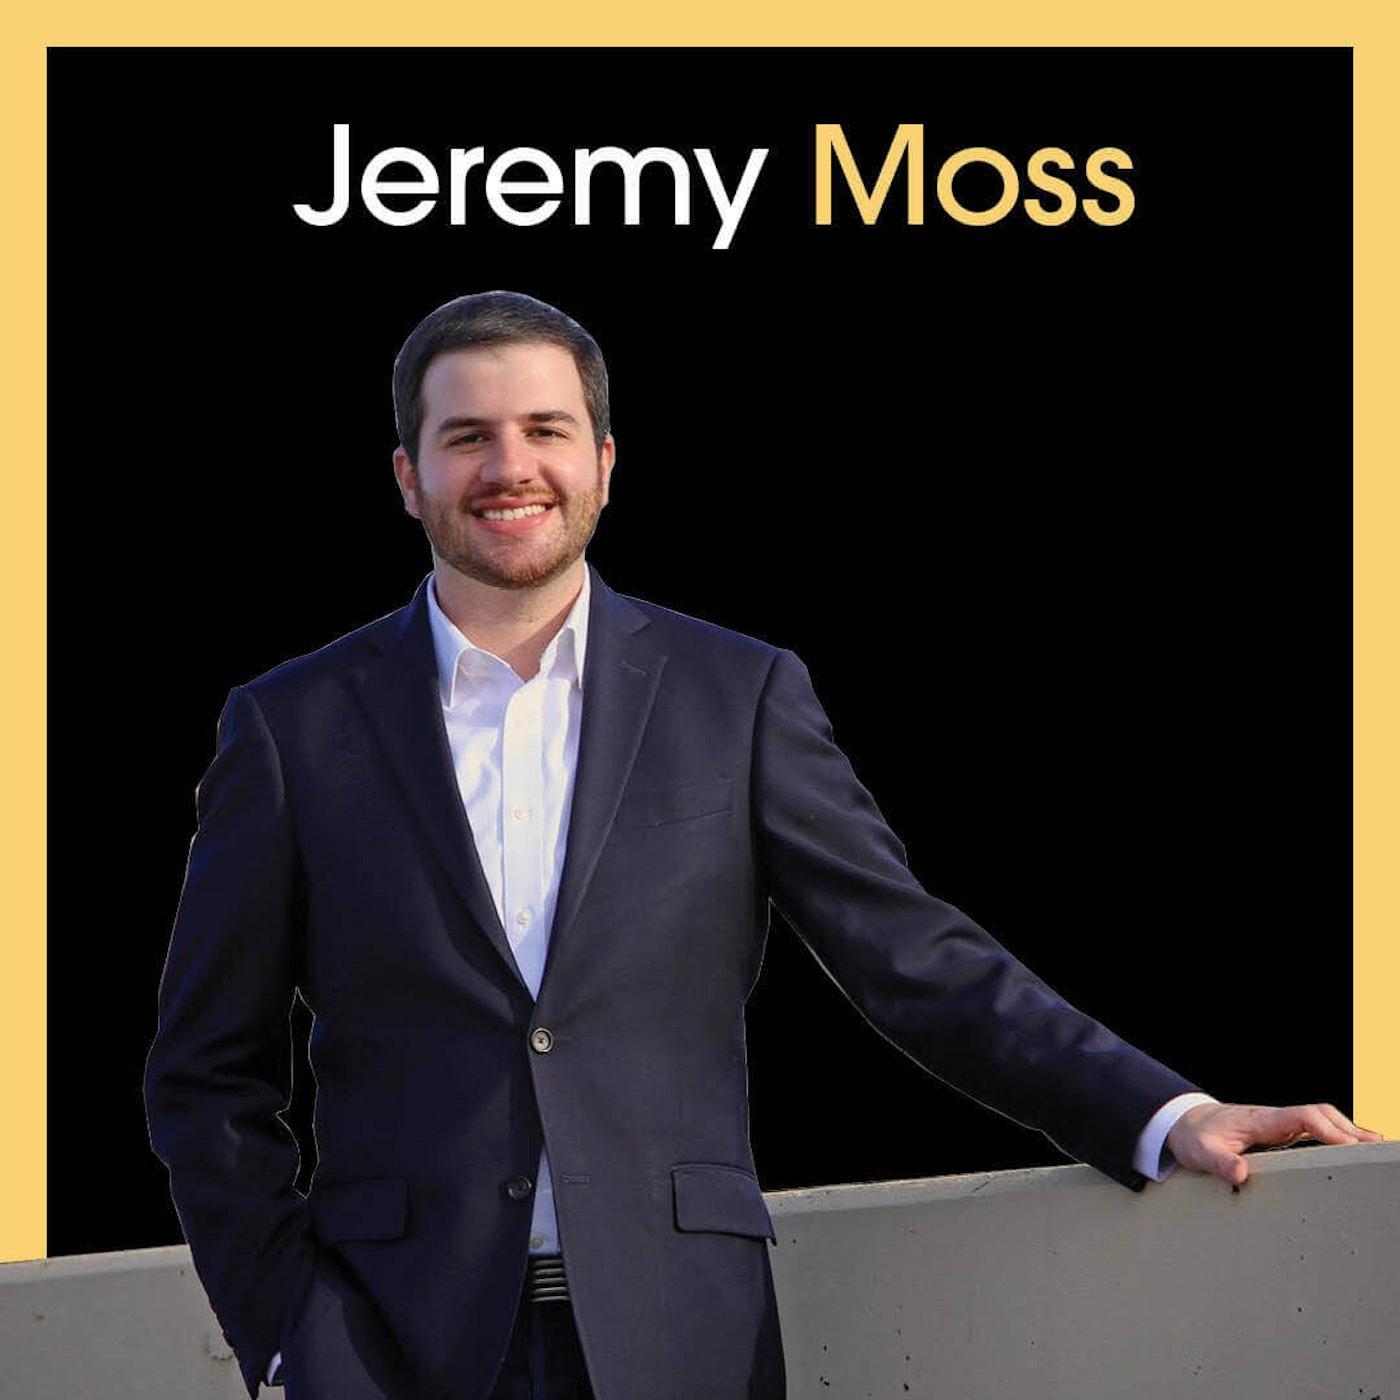 Jeremy_Moss_011121